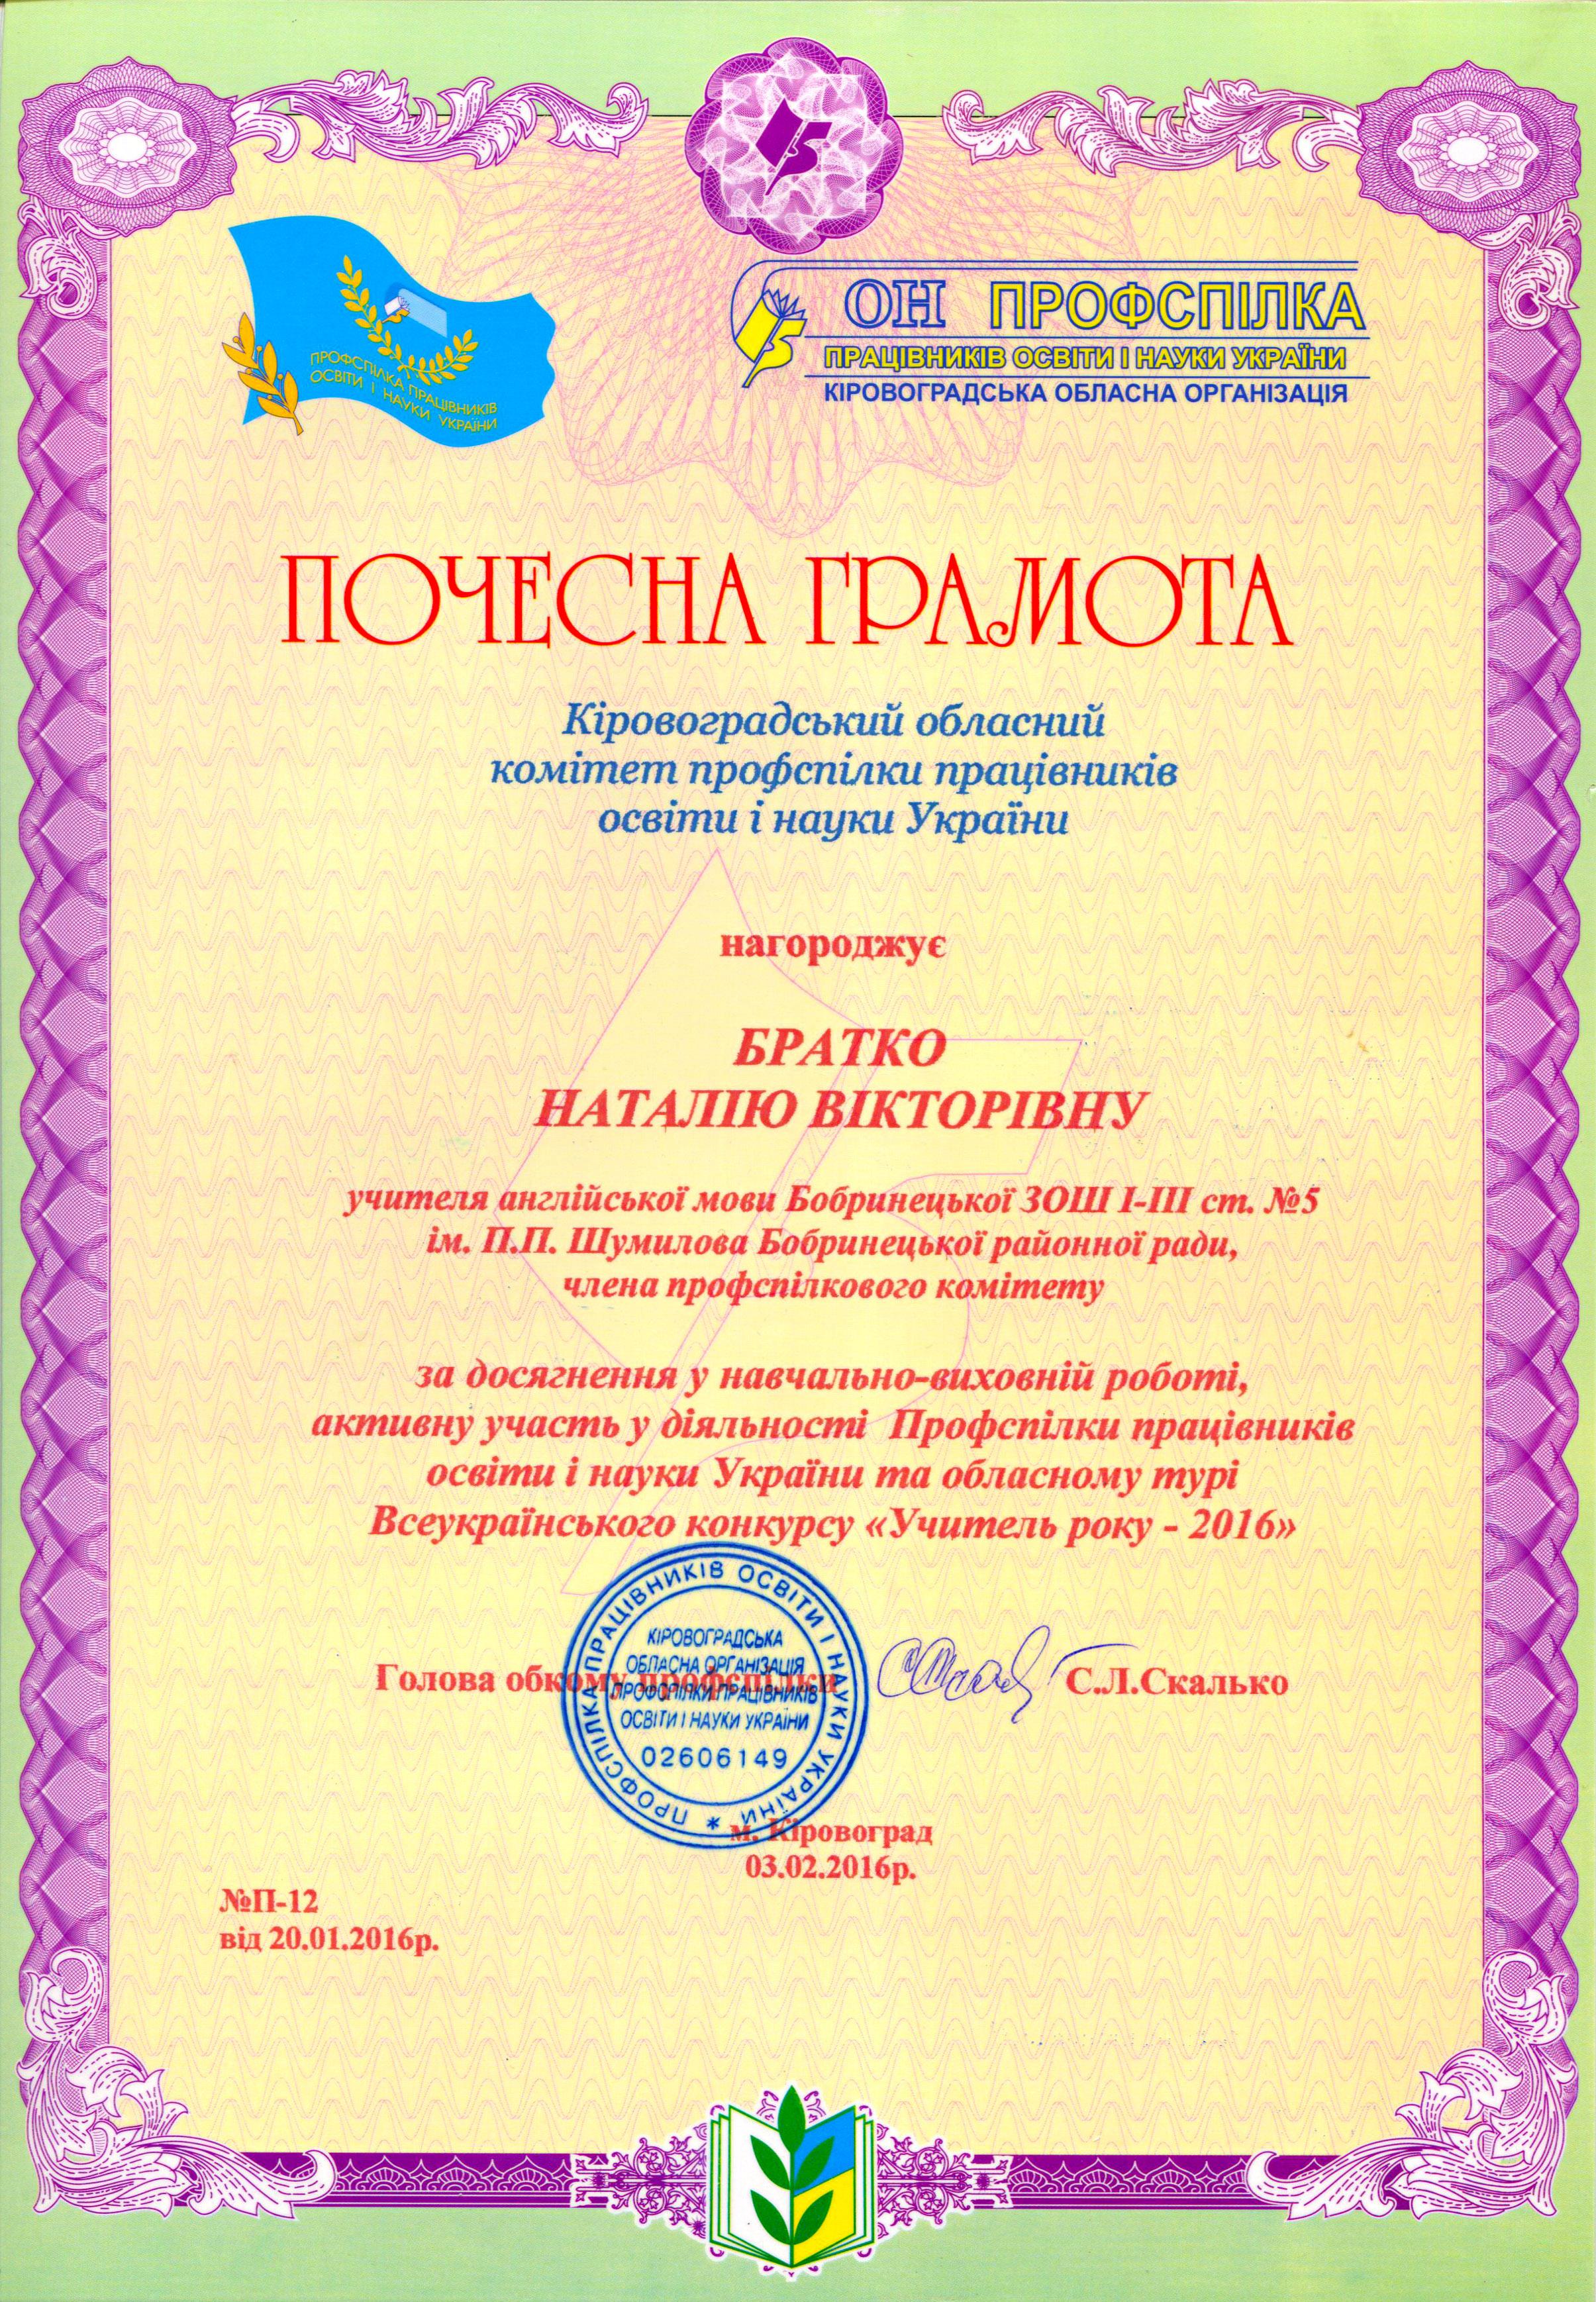 Почесна грамота профспілки за досягнення у навчально-виховній роботі